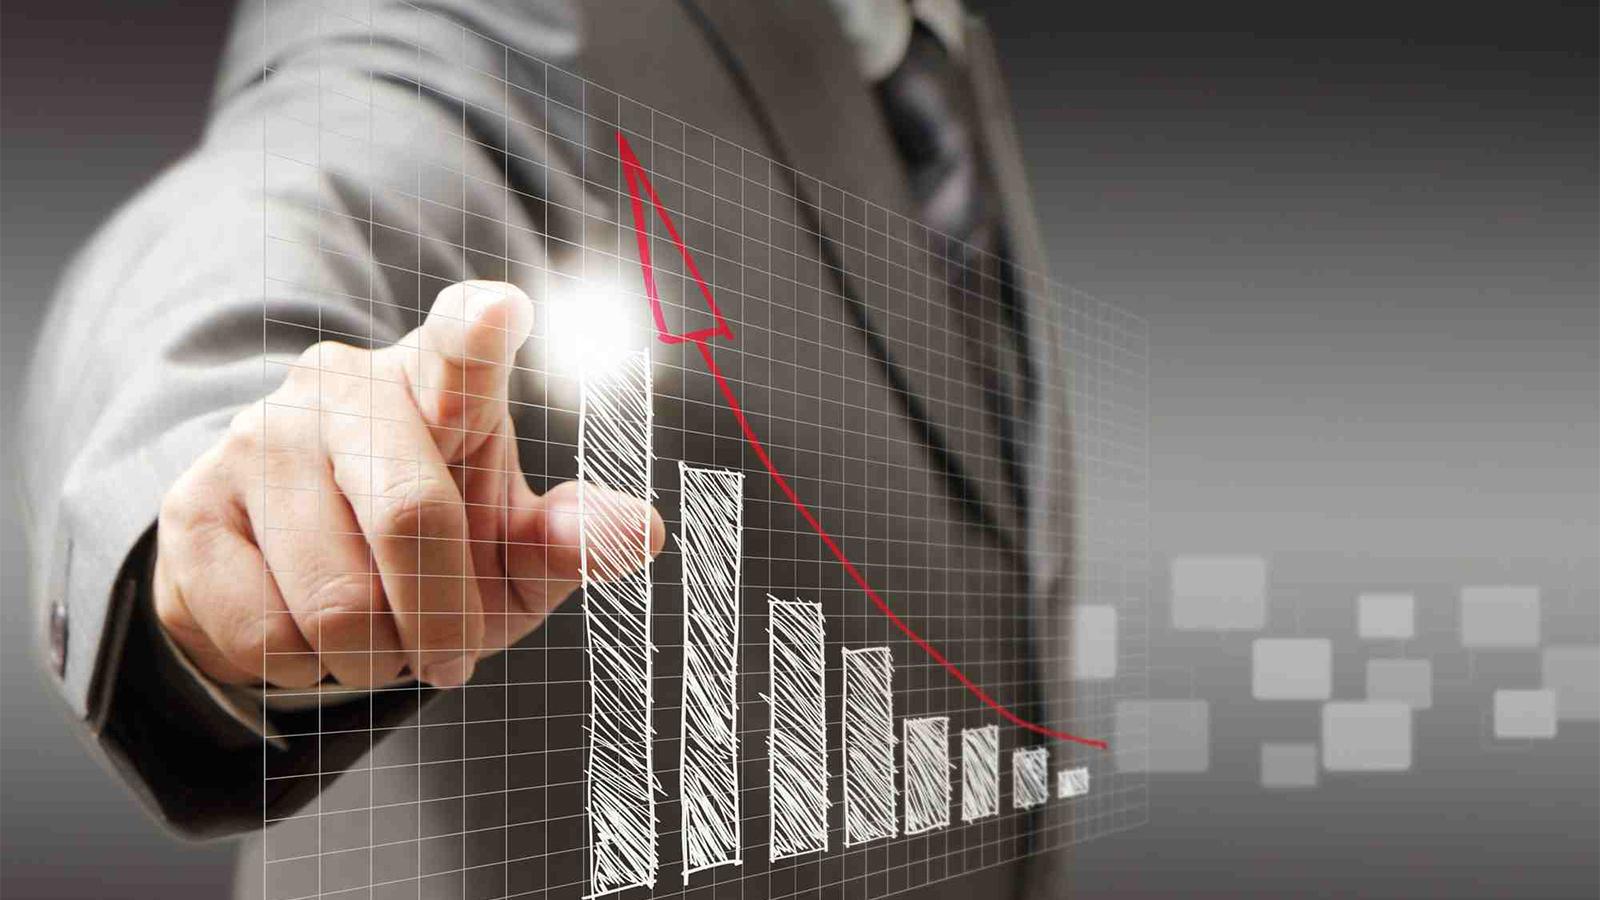 Website bất động sản mang lại hiệu quả như thế nào?